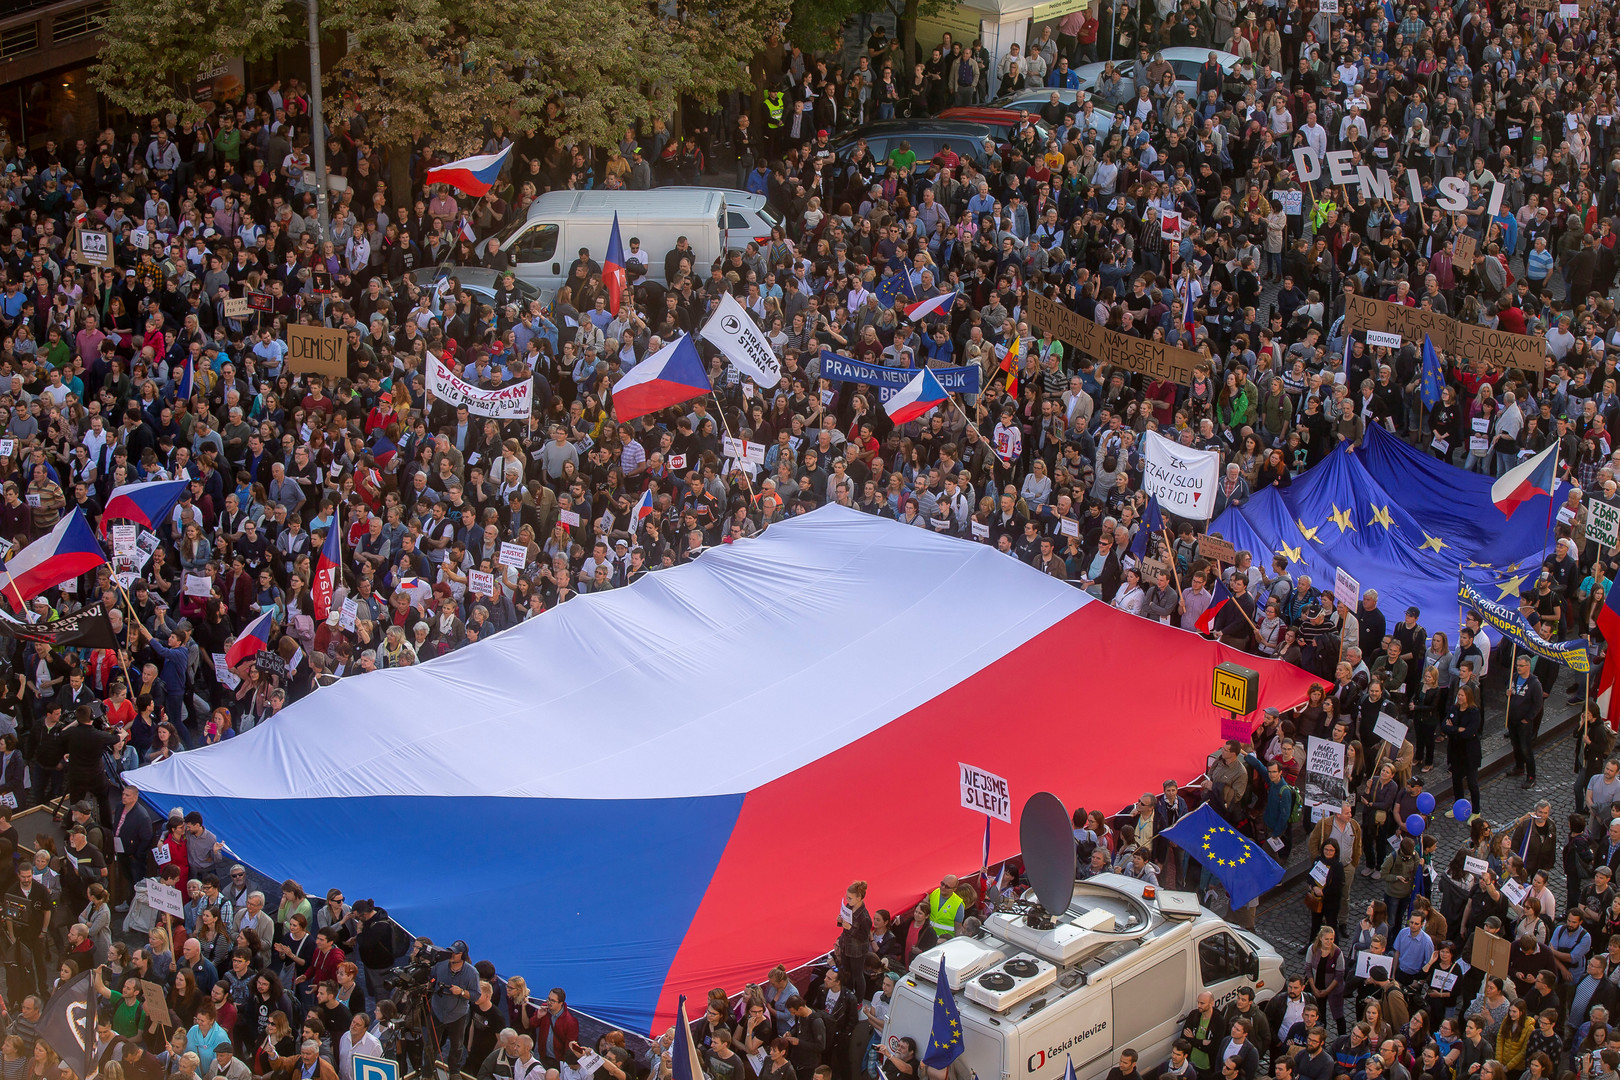 آلاف التشيكيين يحتجون للأسبوع الرابع ضد وزيرة العدل